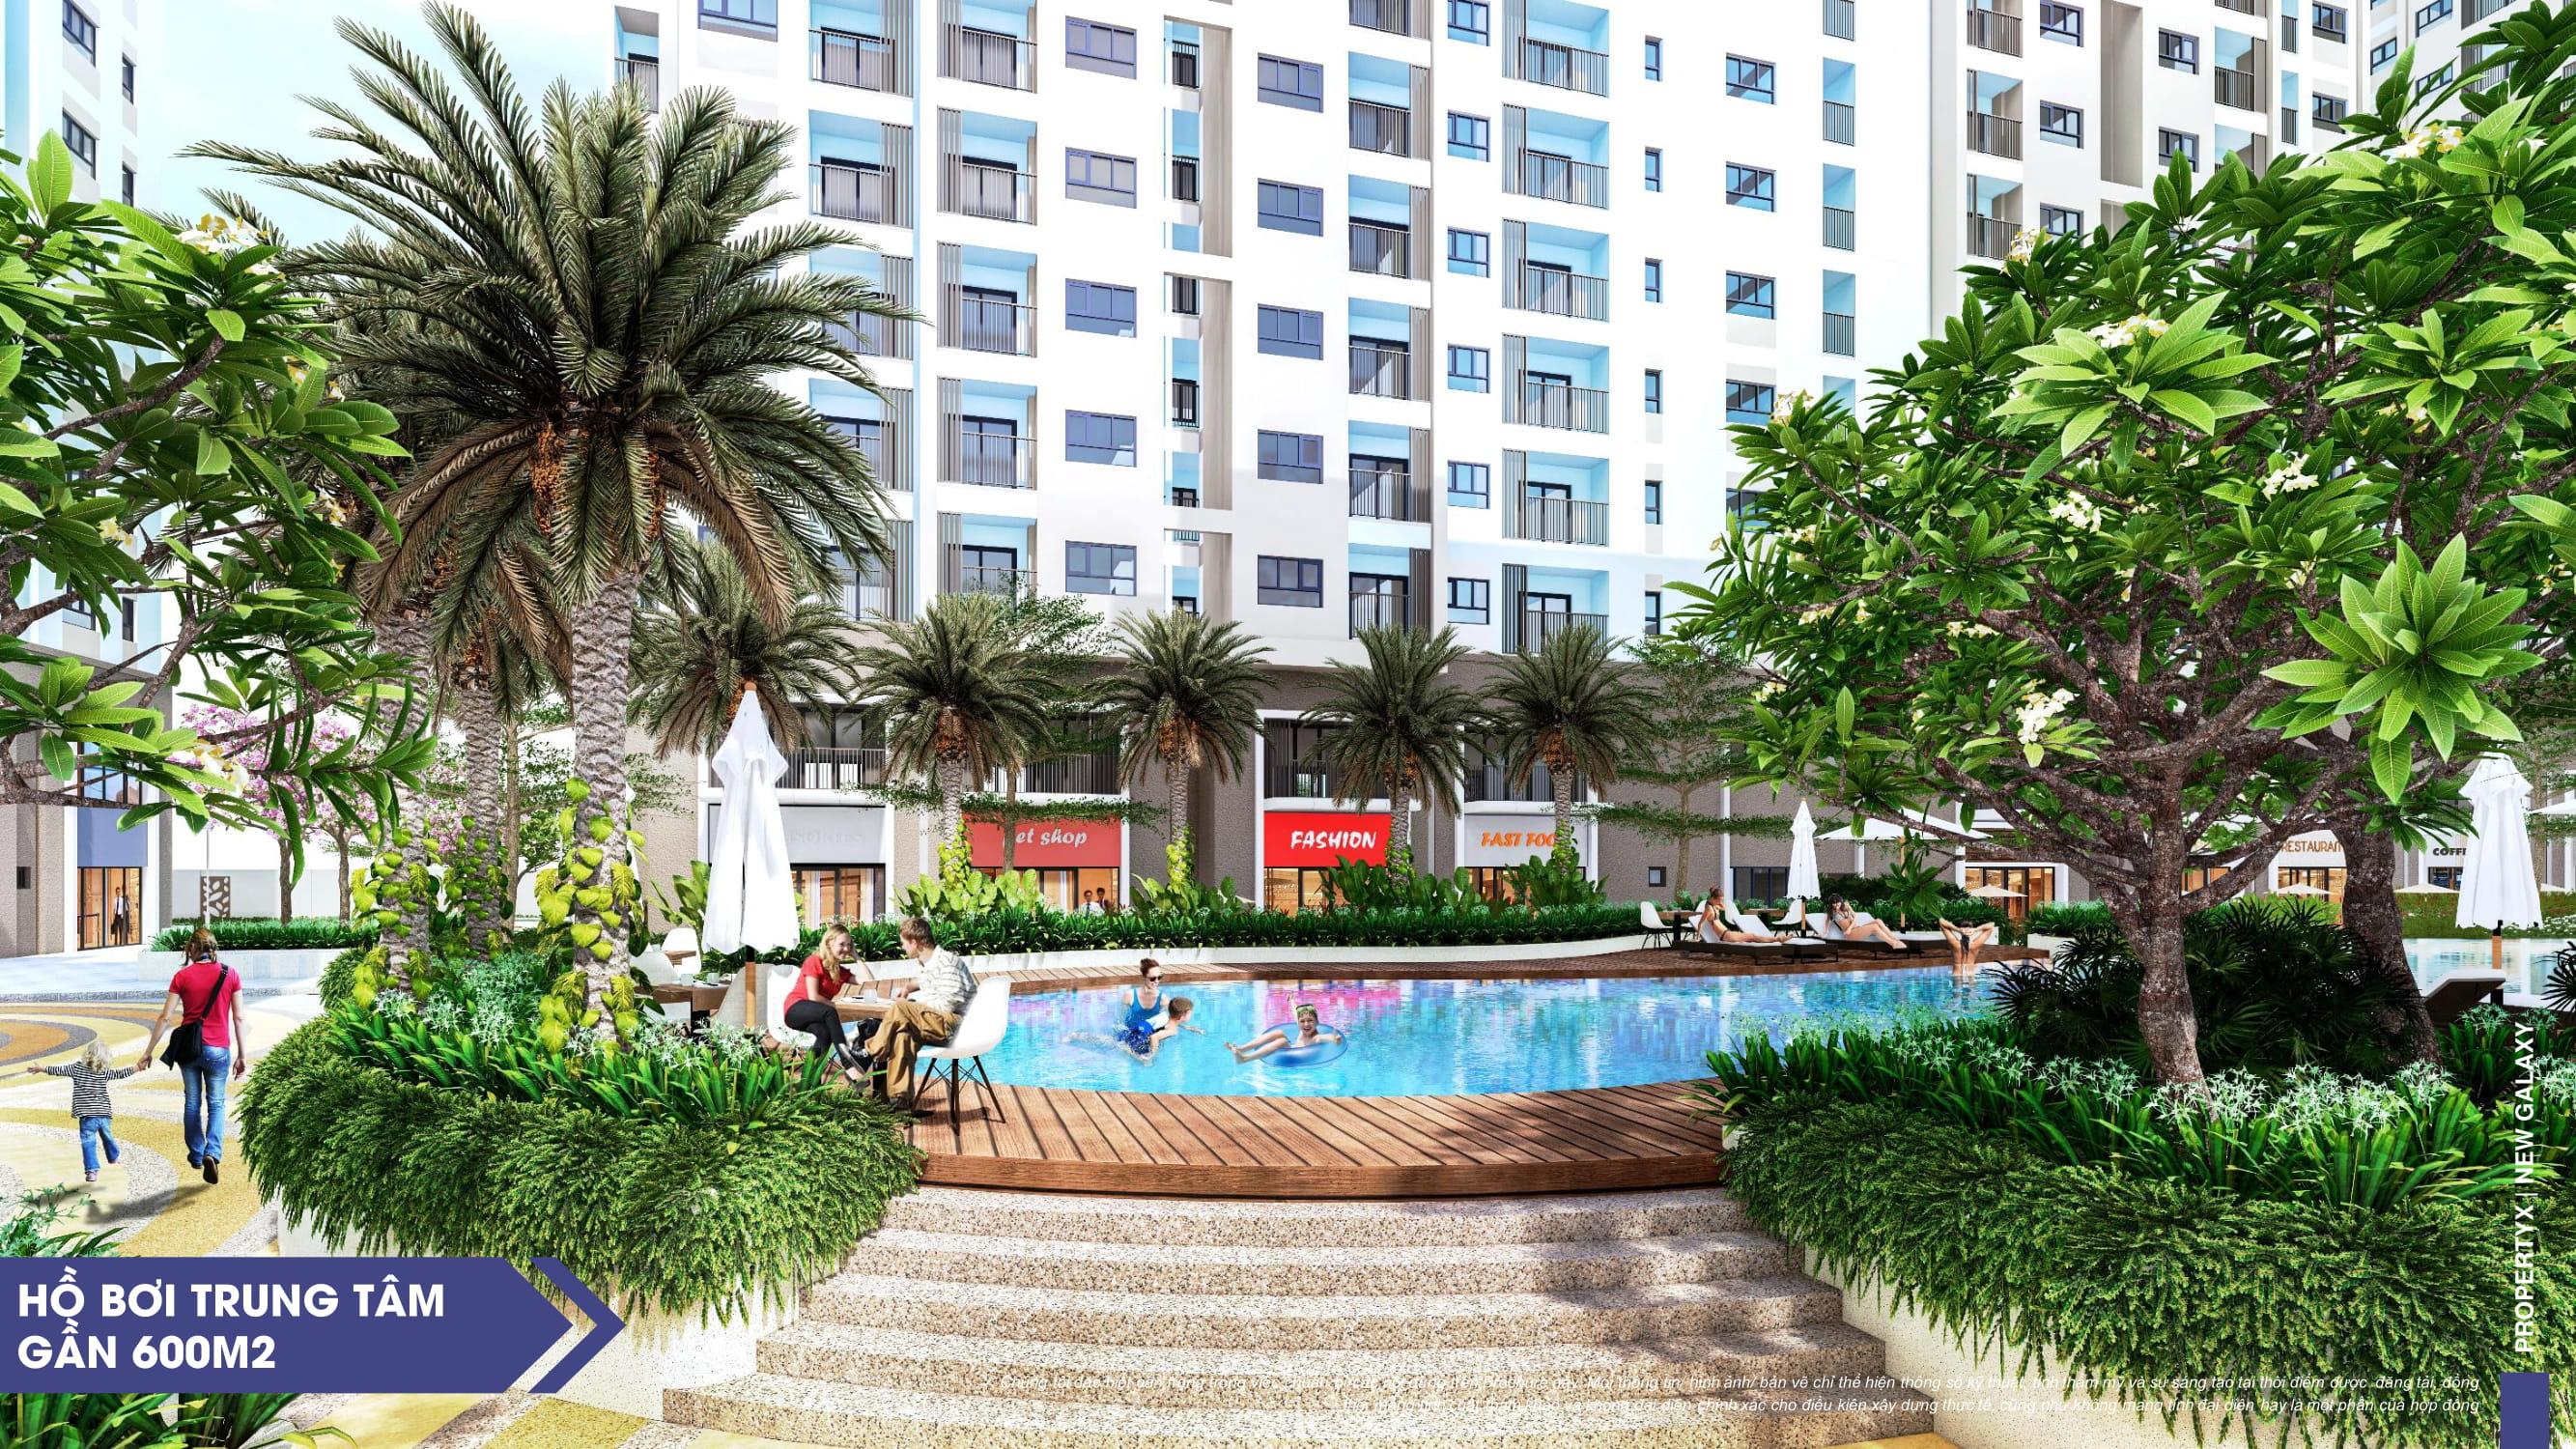 Hồ bơi nội khu dự án căn hộ New Galaxy rộng 6000m2